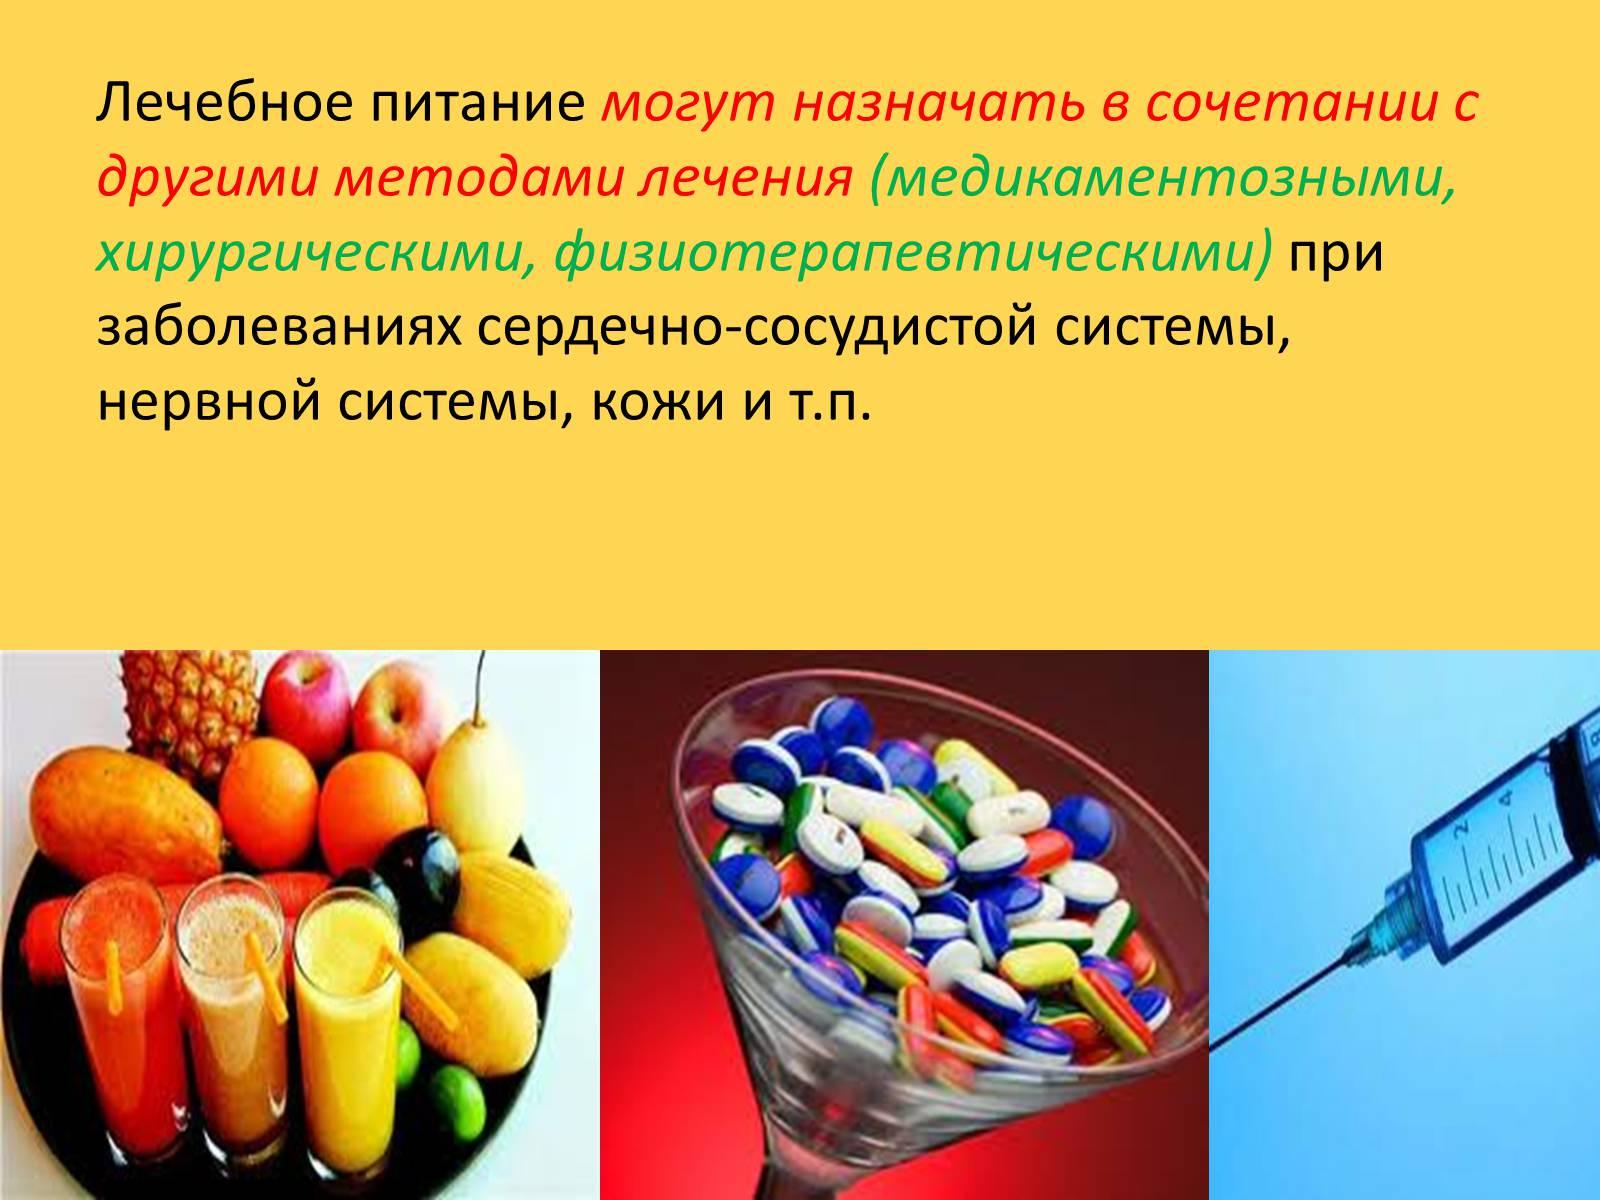 Диетотерапия лечебные диеты